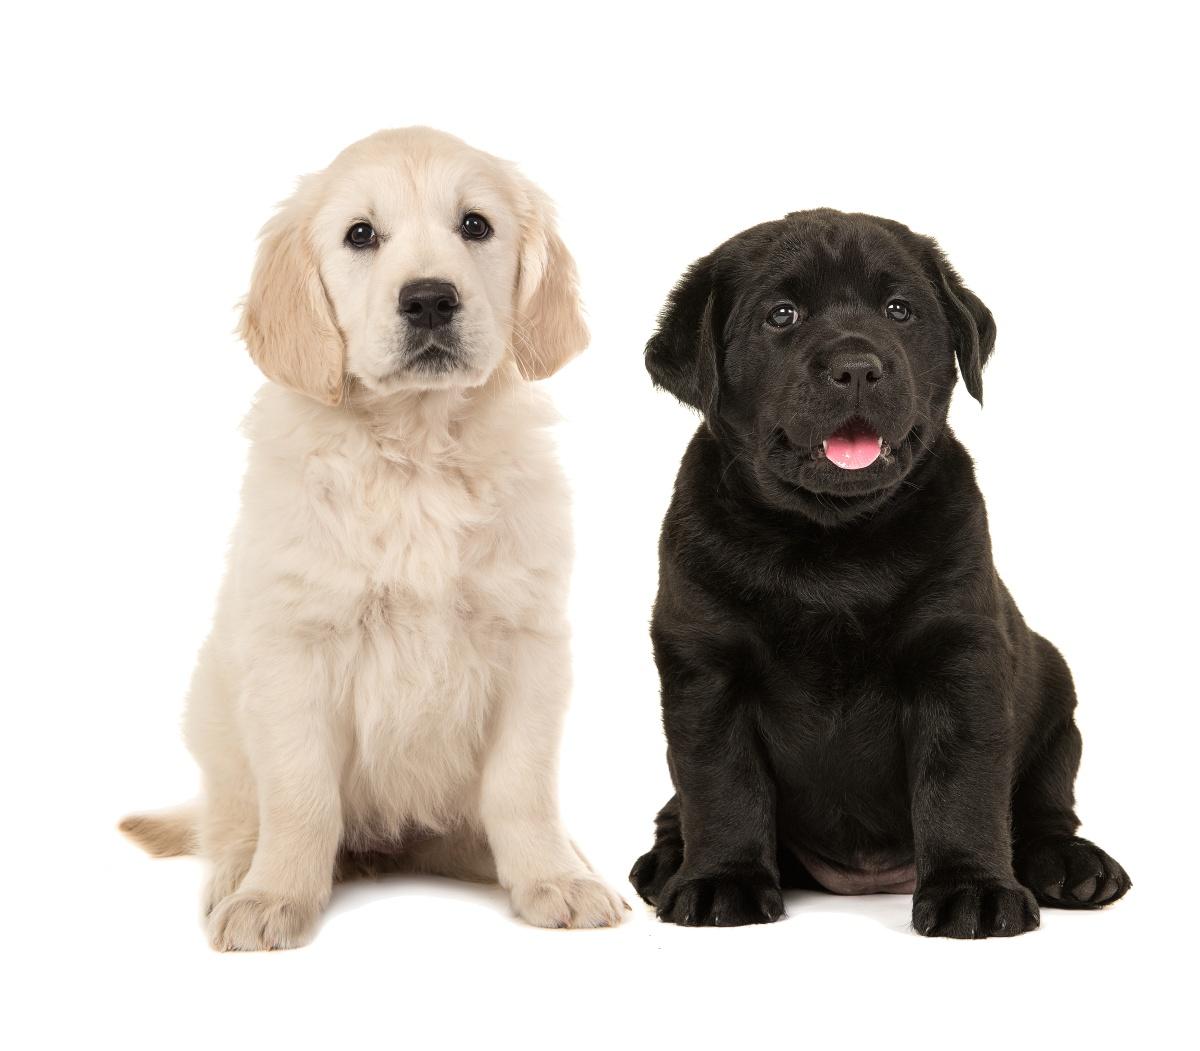 Cães das raças Golden Retriever e Labrador ganham evento especial neste domingo (17)